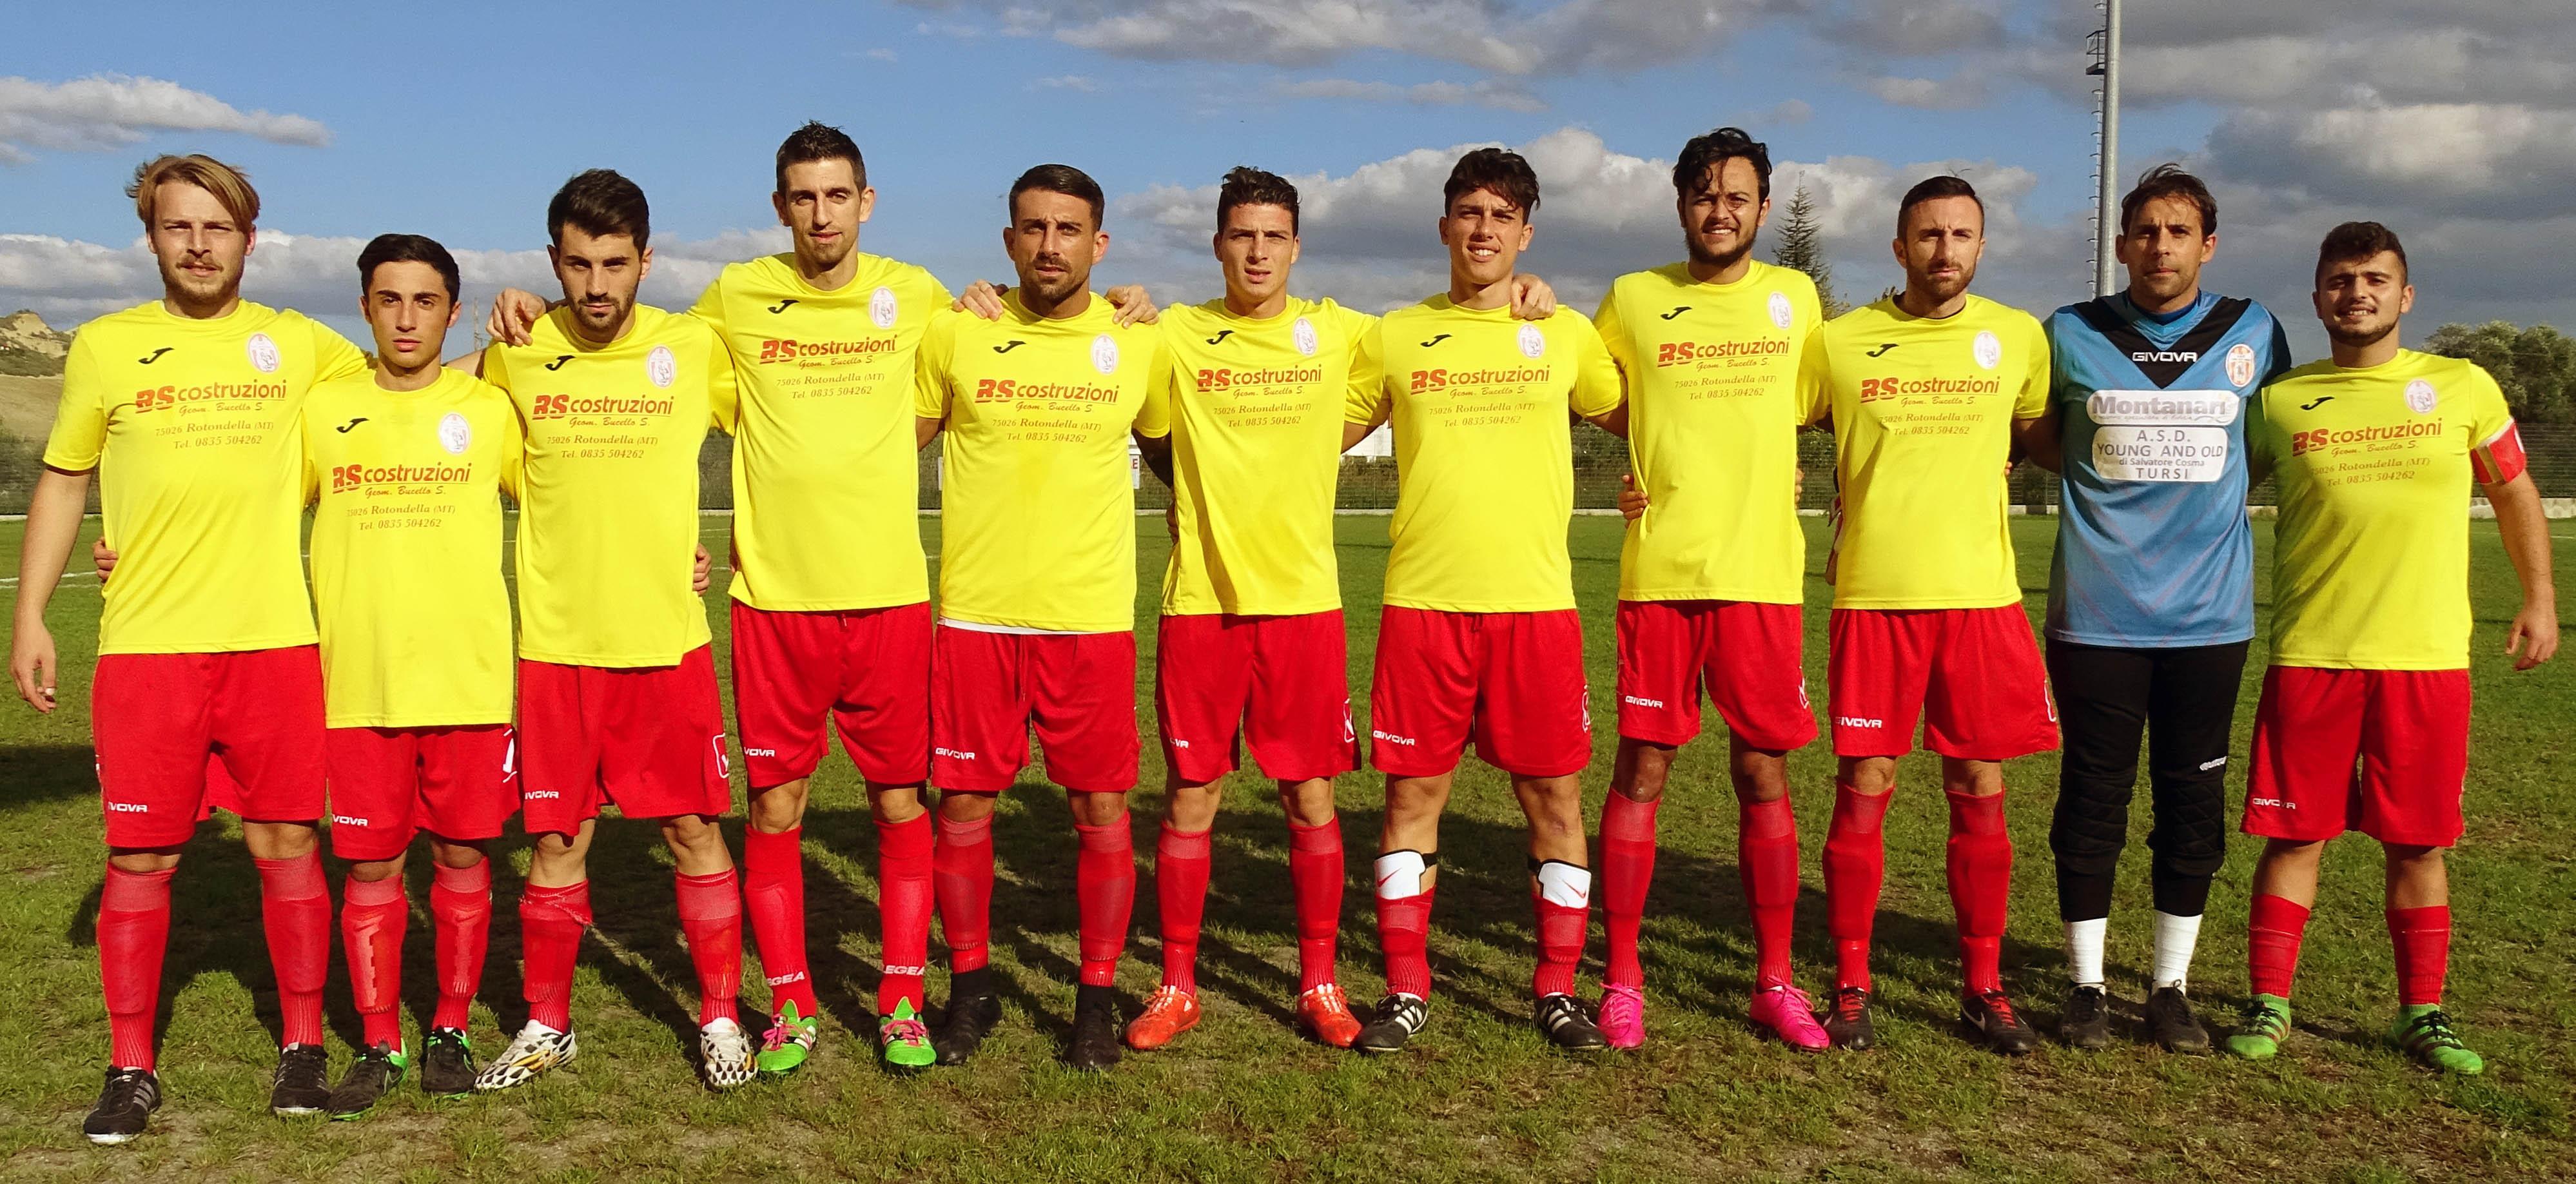 La formazione del Tursi Calcio 2008, di domenia 30 ottobre, con il Ferrandina Calcio